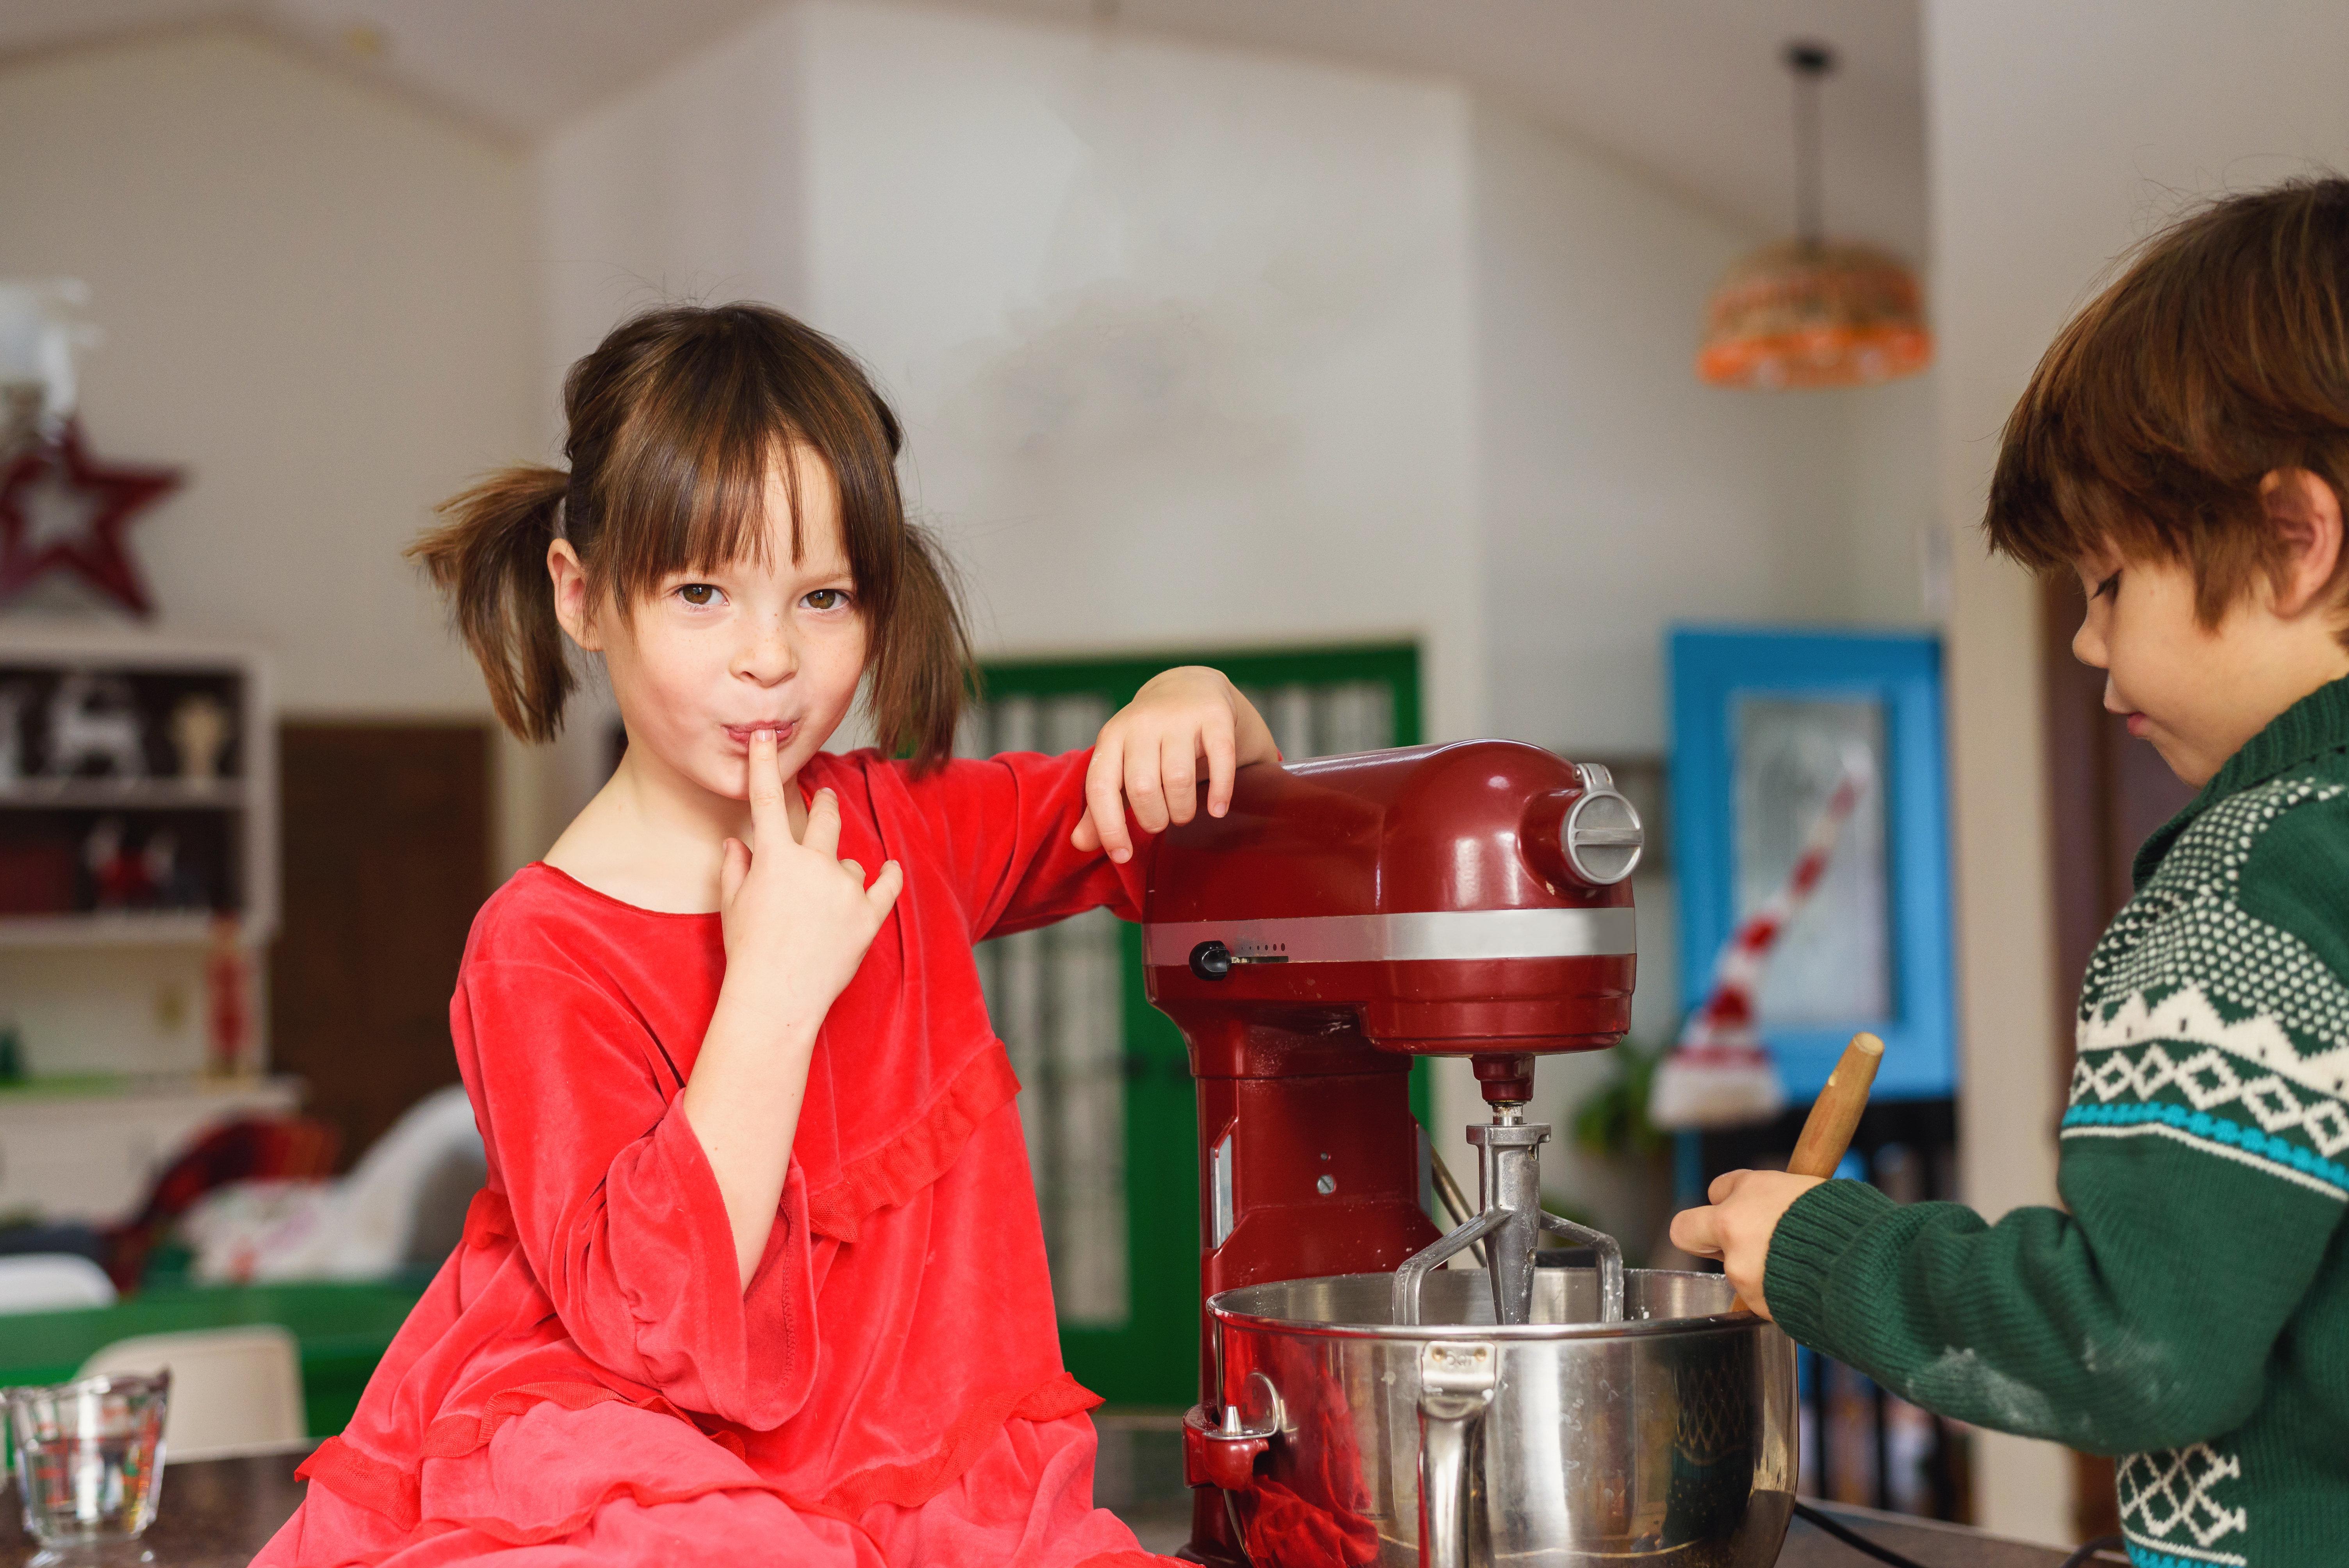 Τι να προσέξετε στη διατροφή των παιδιών σας στις